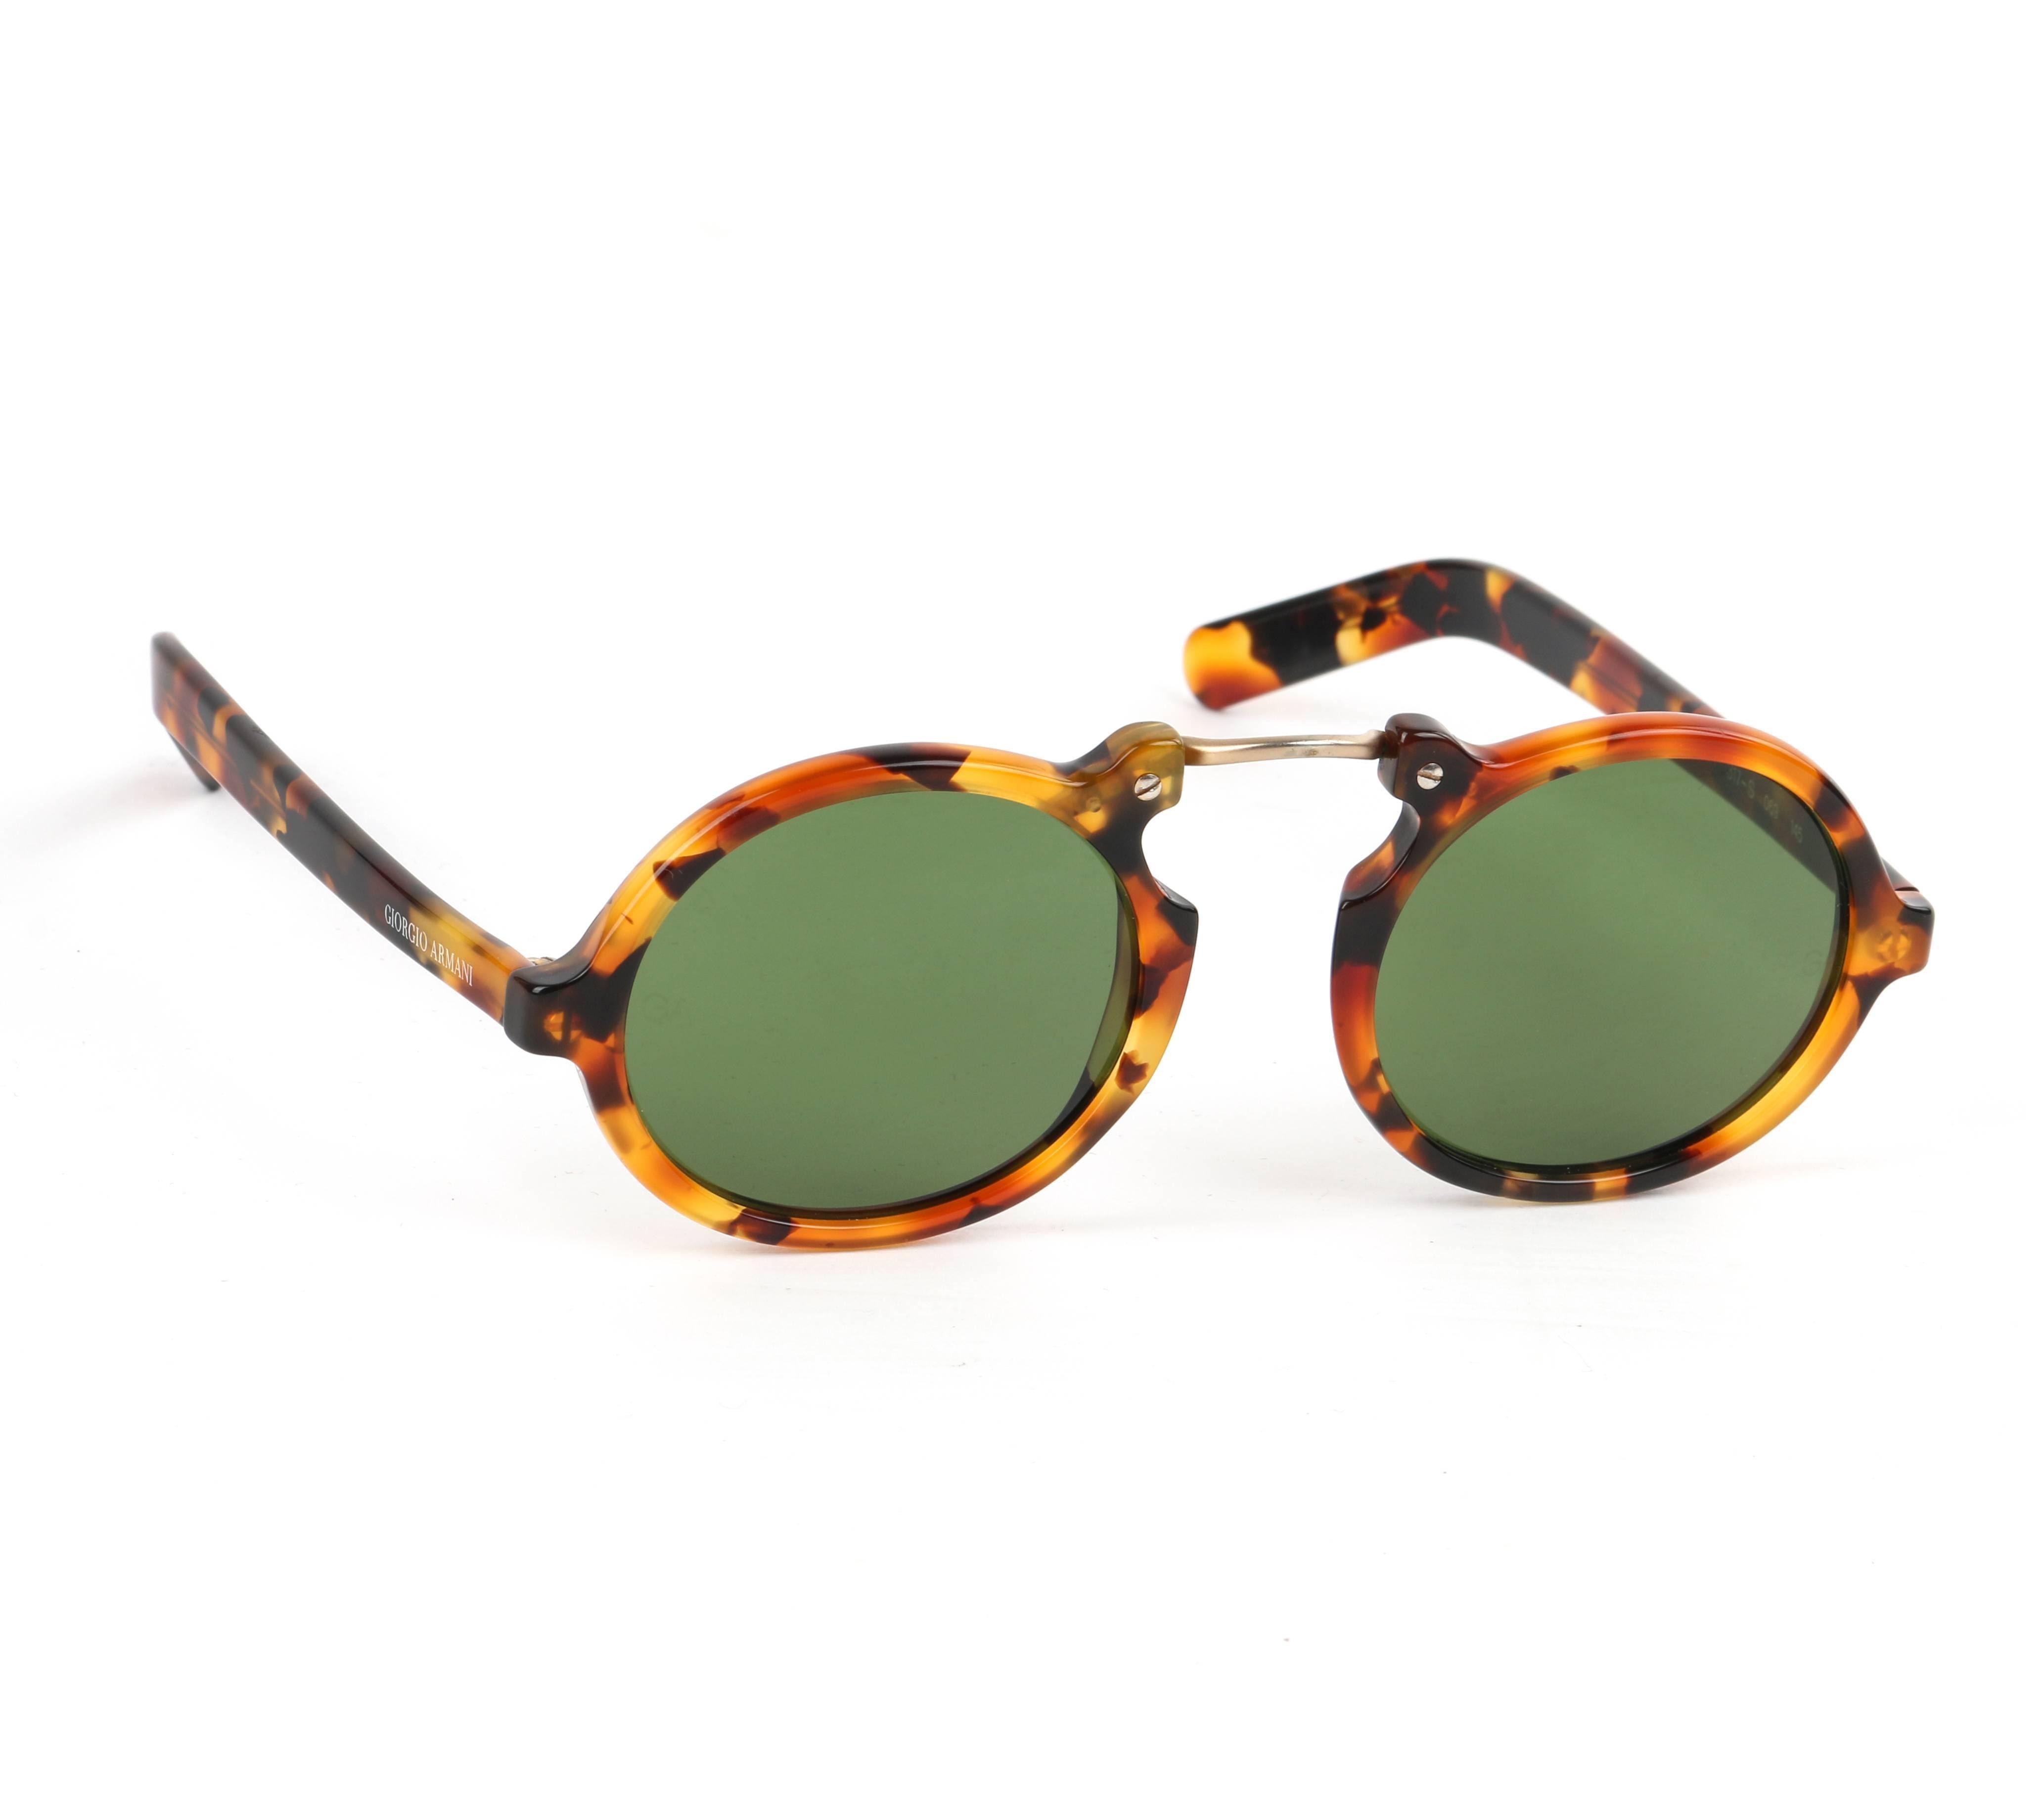 1f4116fa883 617 Armani 1990 s Round Sunglasses Giorgio Tortoiseshell S C Frame  naHWwqxC4q